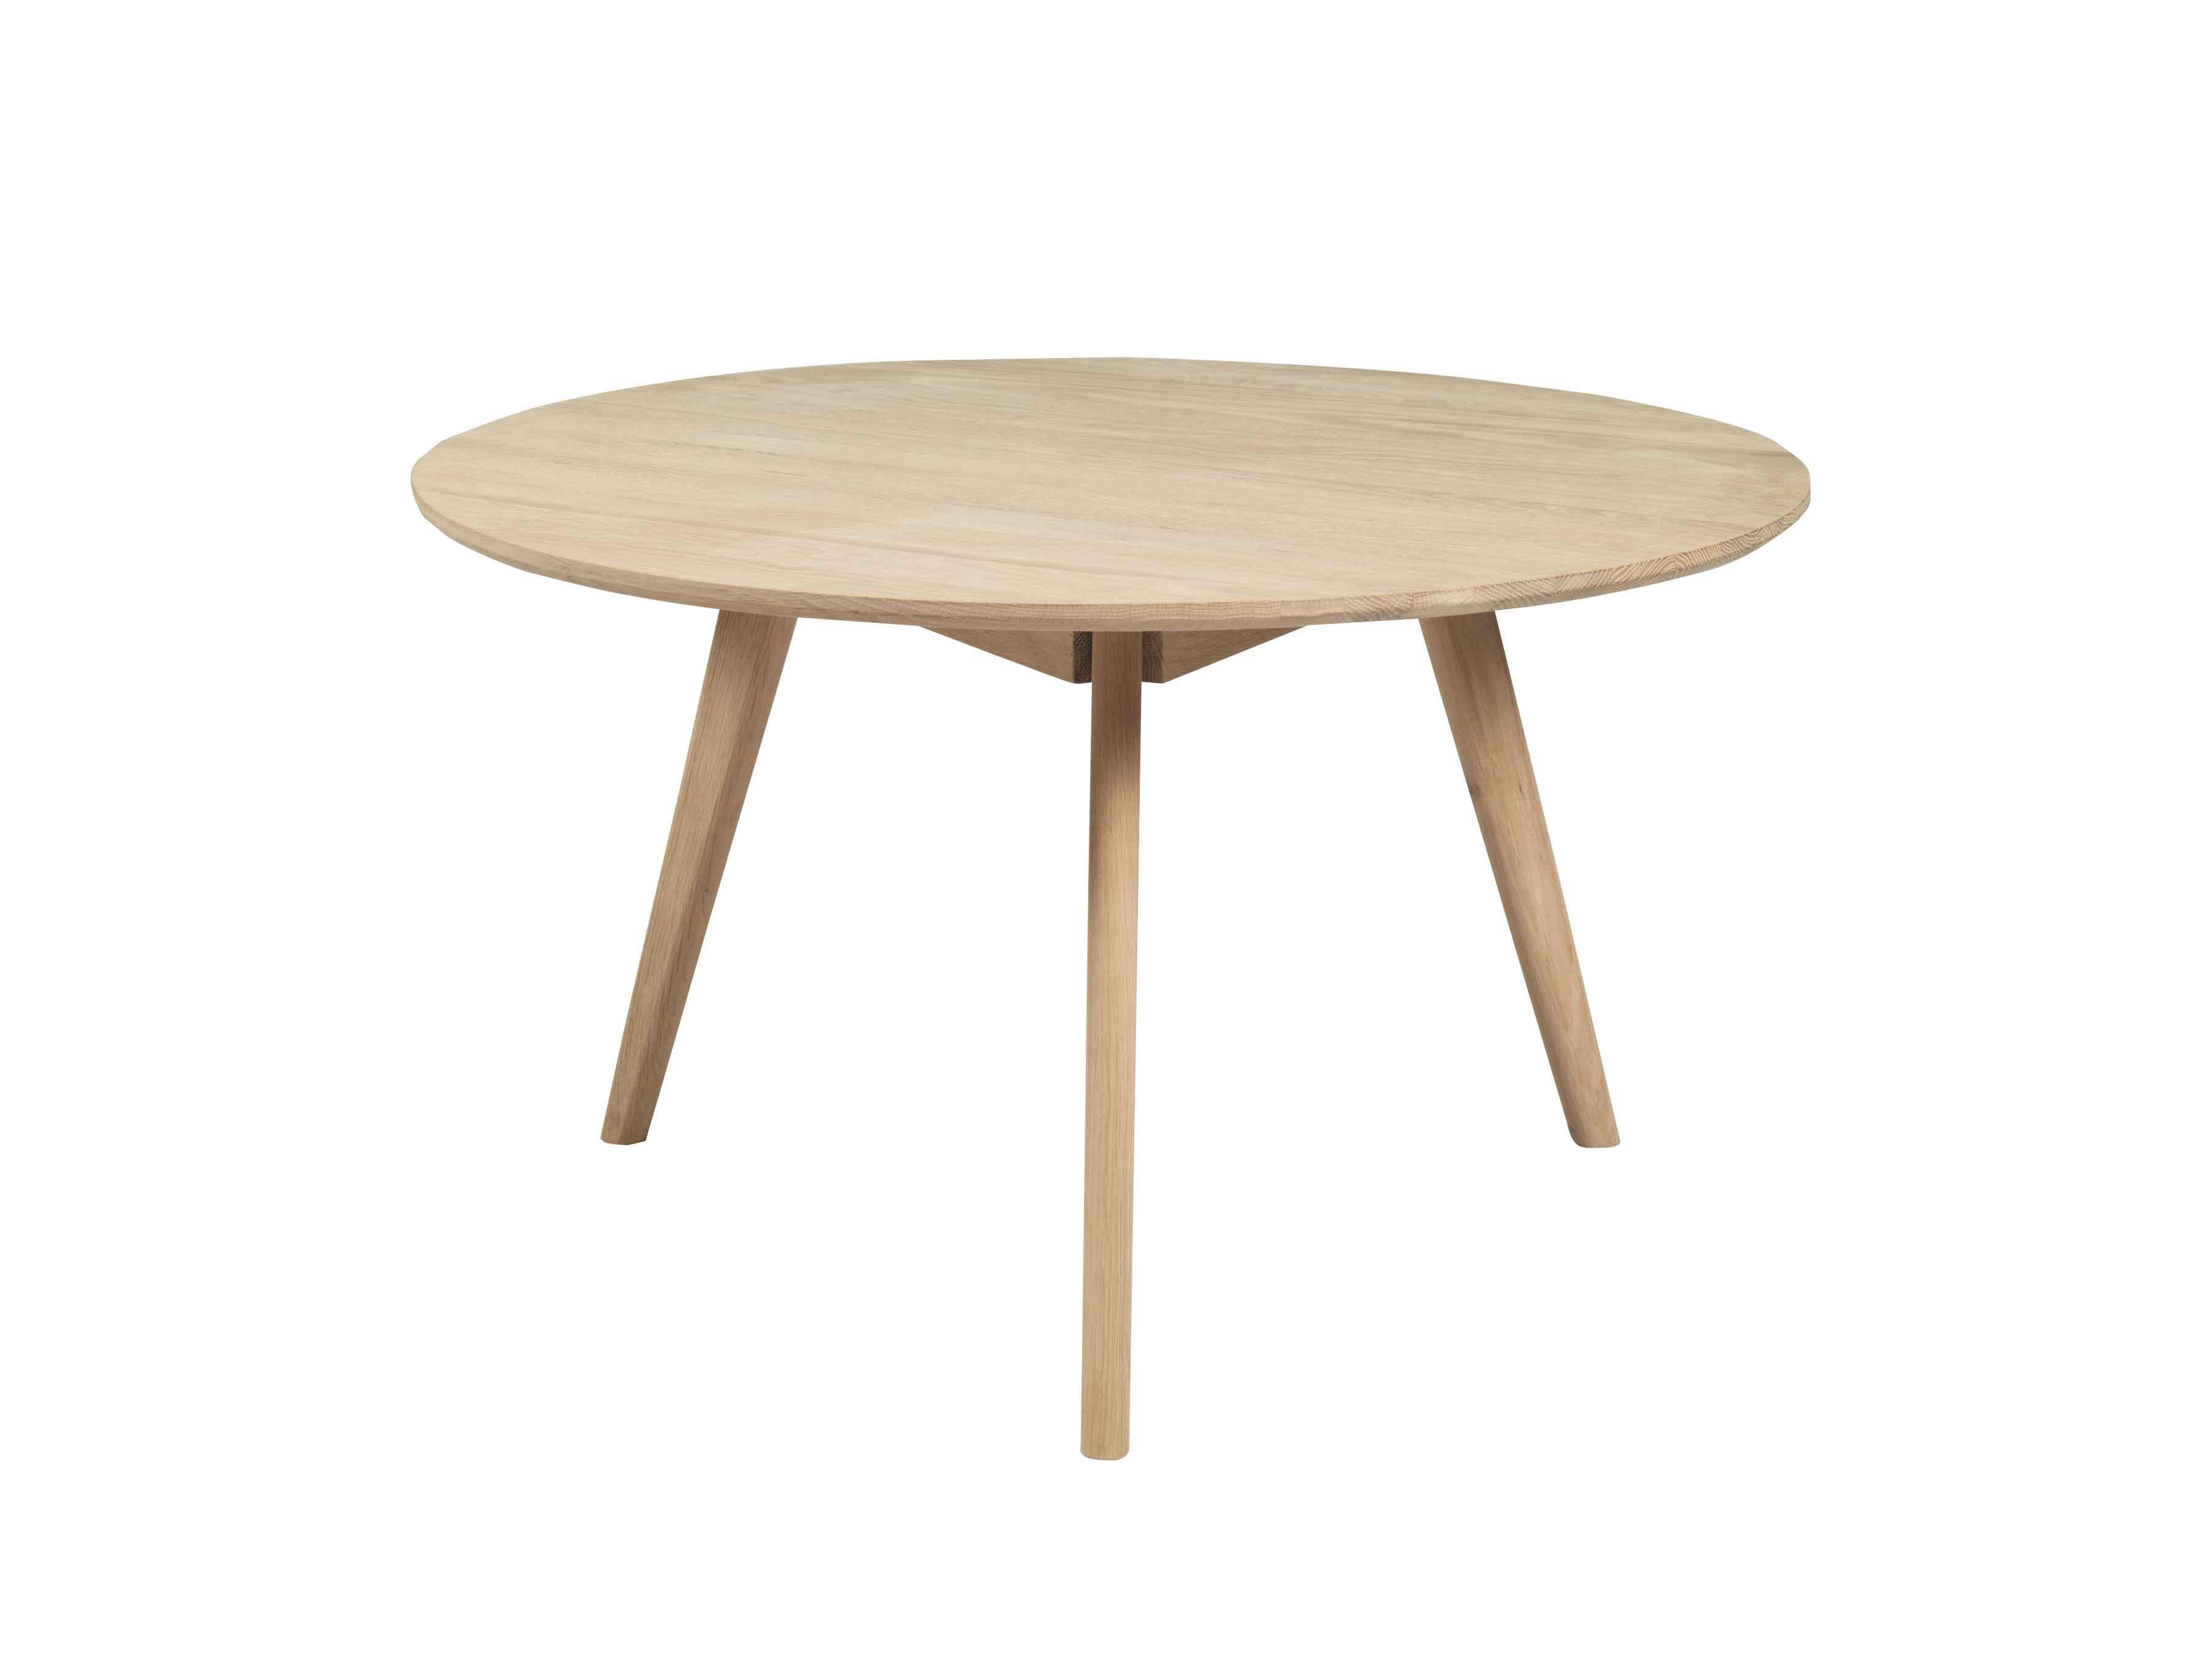 Yumi sofabord - Hvidpigmenteret asketræ, rundt (Ø:90)